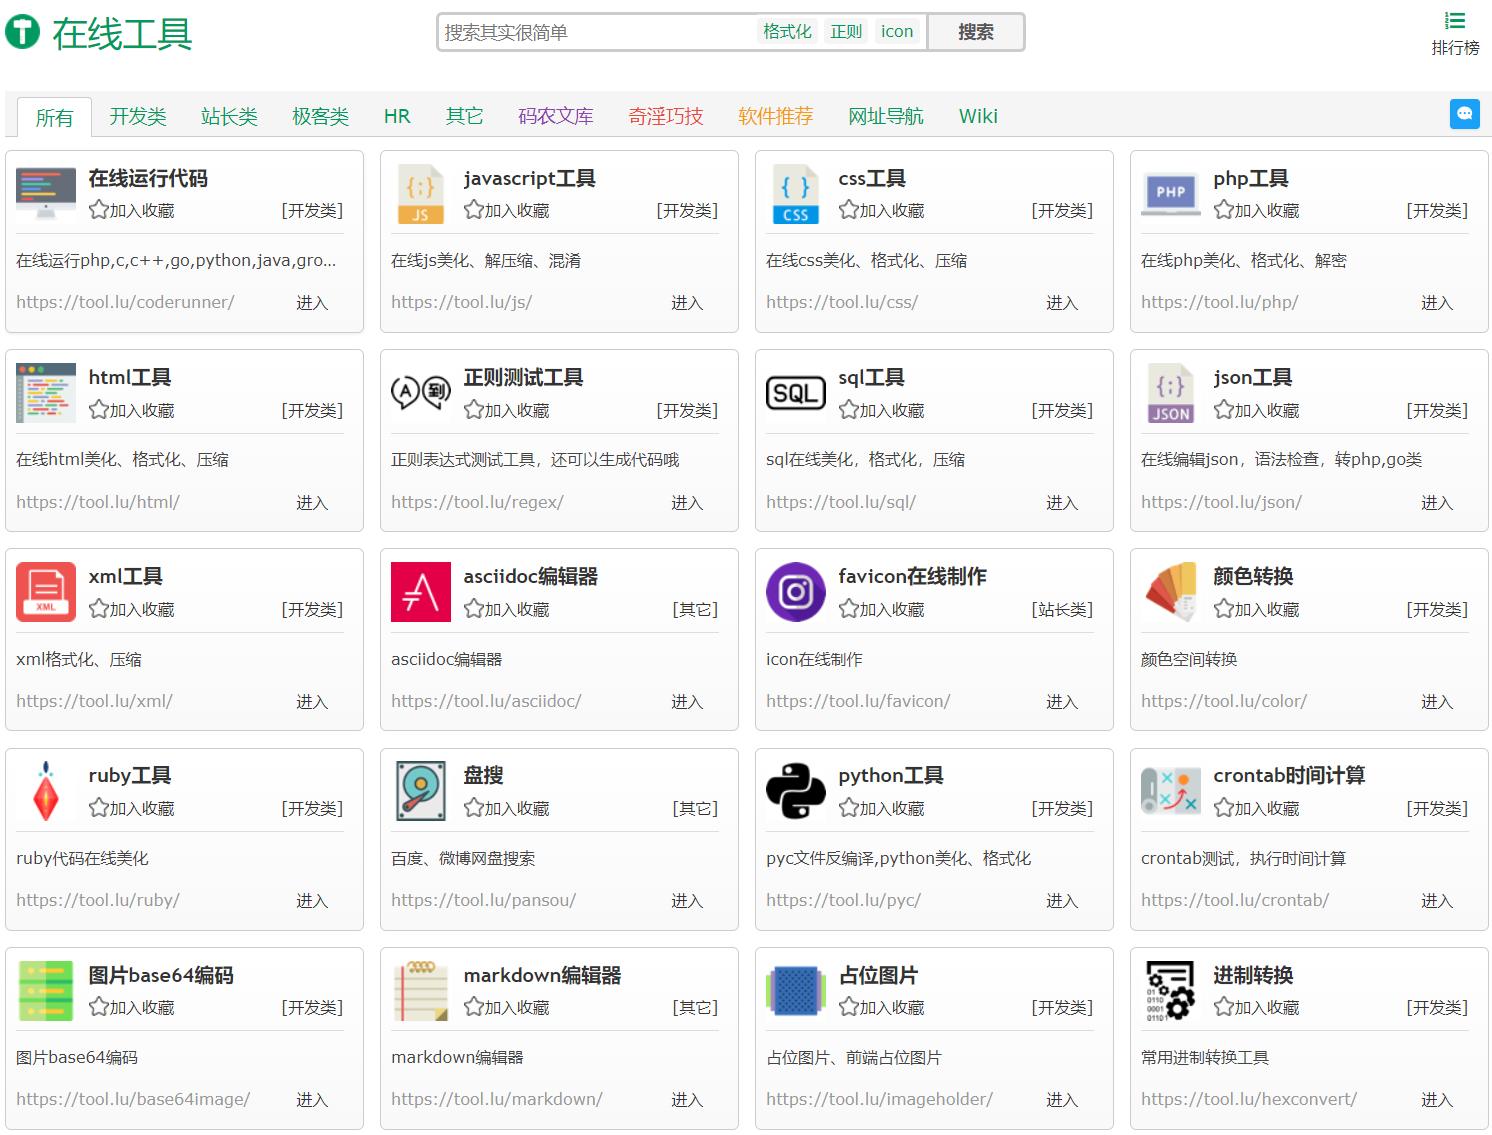 强大的IT在线工具网站 tool.lu